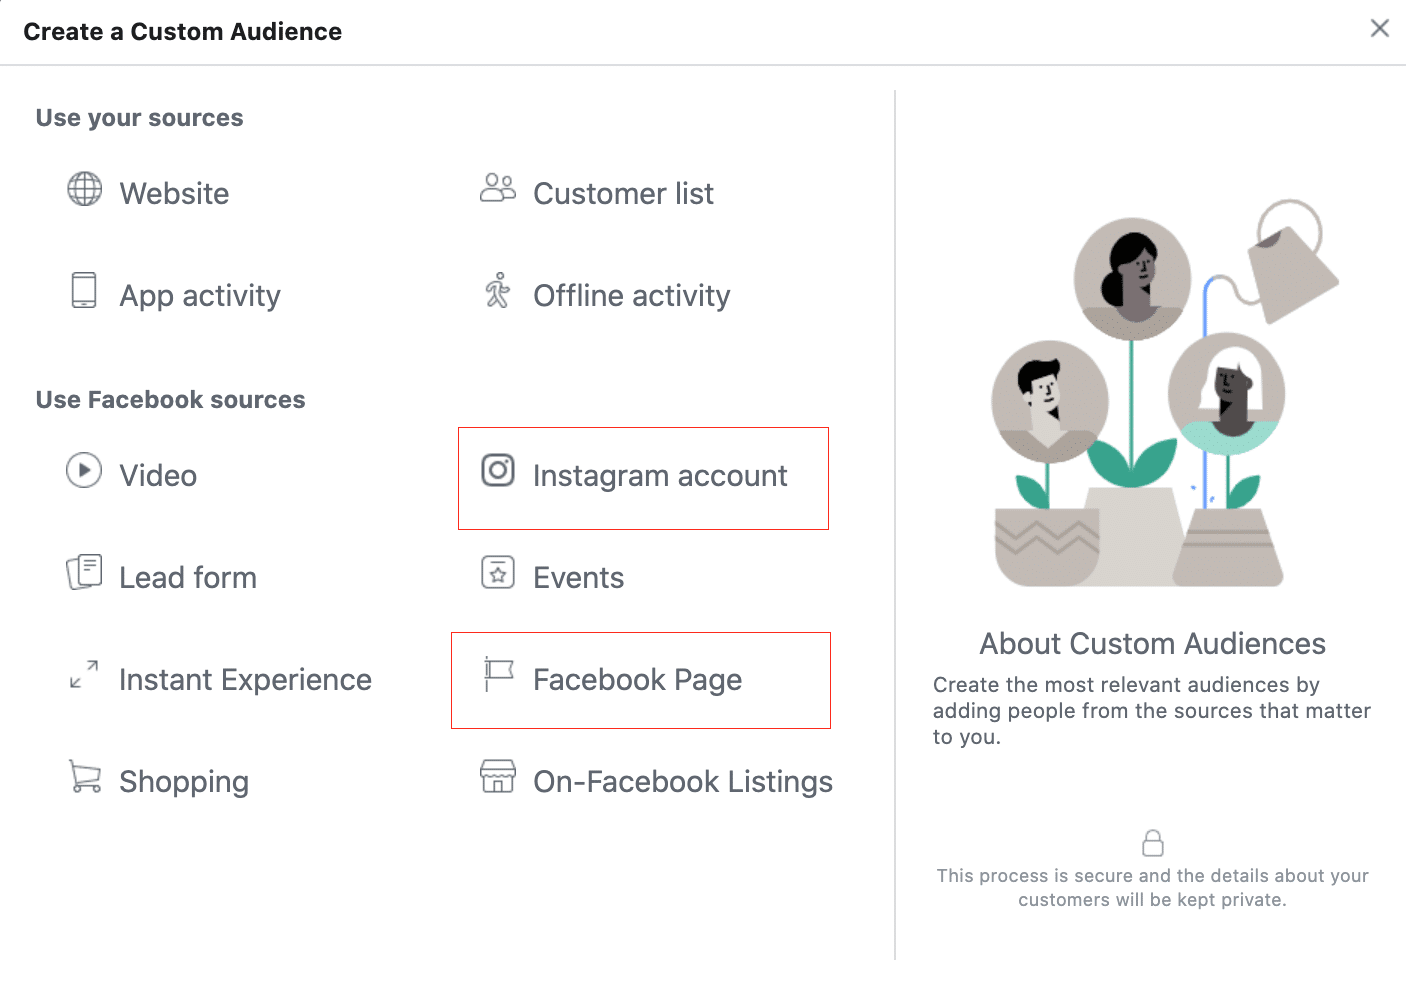 בניית קהלים רווחים באמצעות פרסום בפייסבוק להגדלת המכירות בחנות האונליין שלכם.